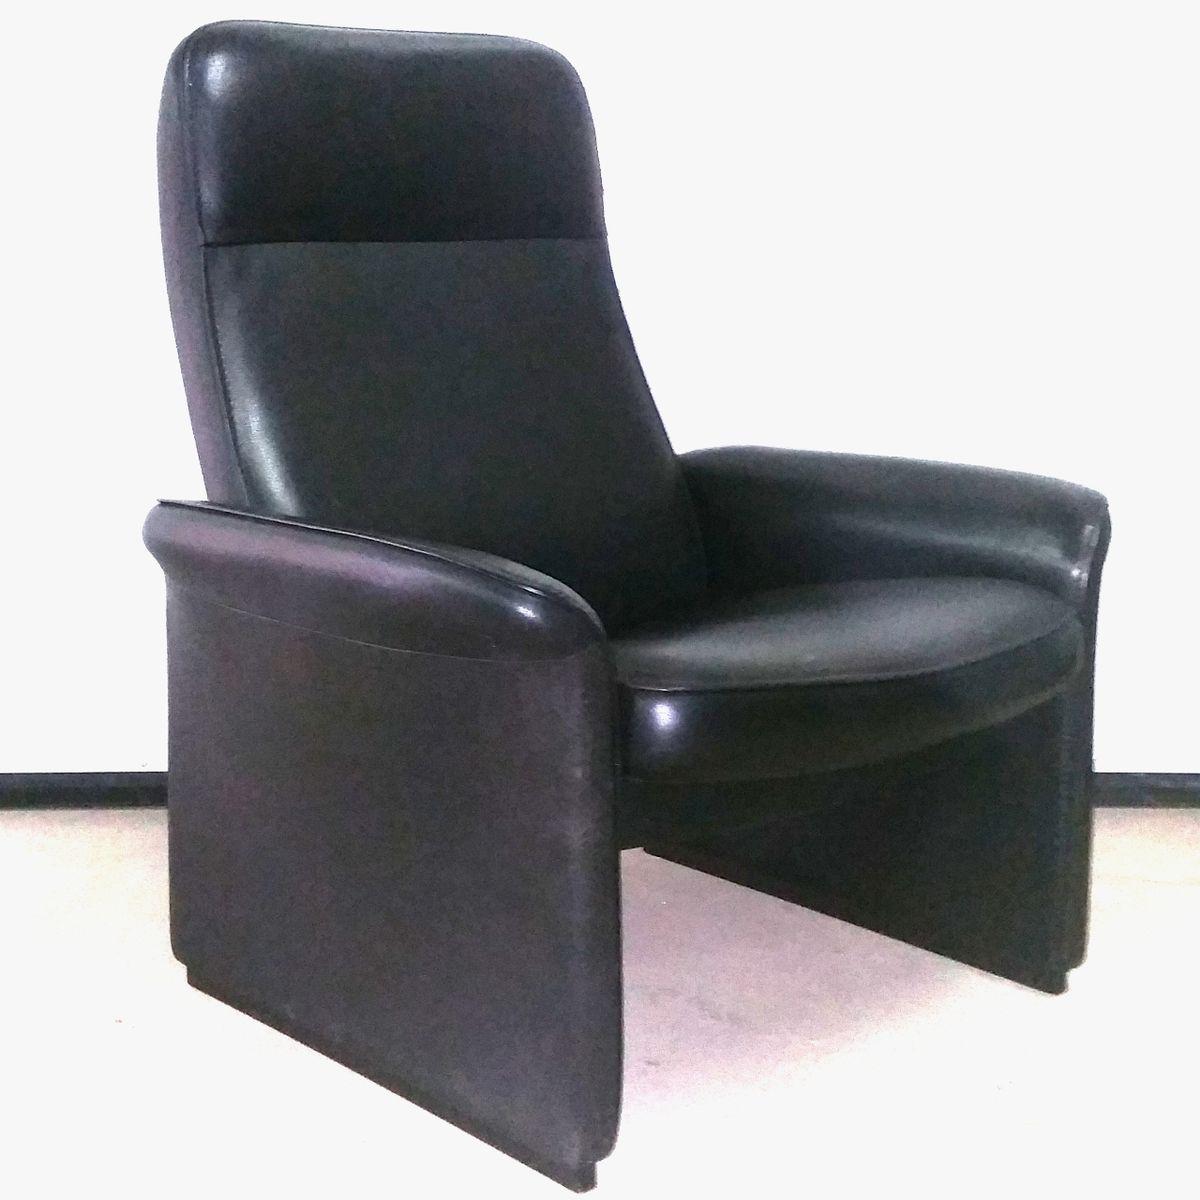 Vintage ds 50 sessel von de sede bei pamono kaufen for Sessel auf englisch